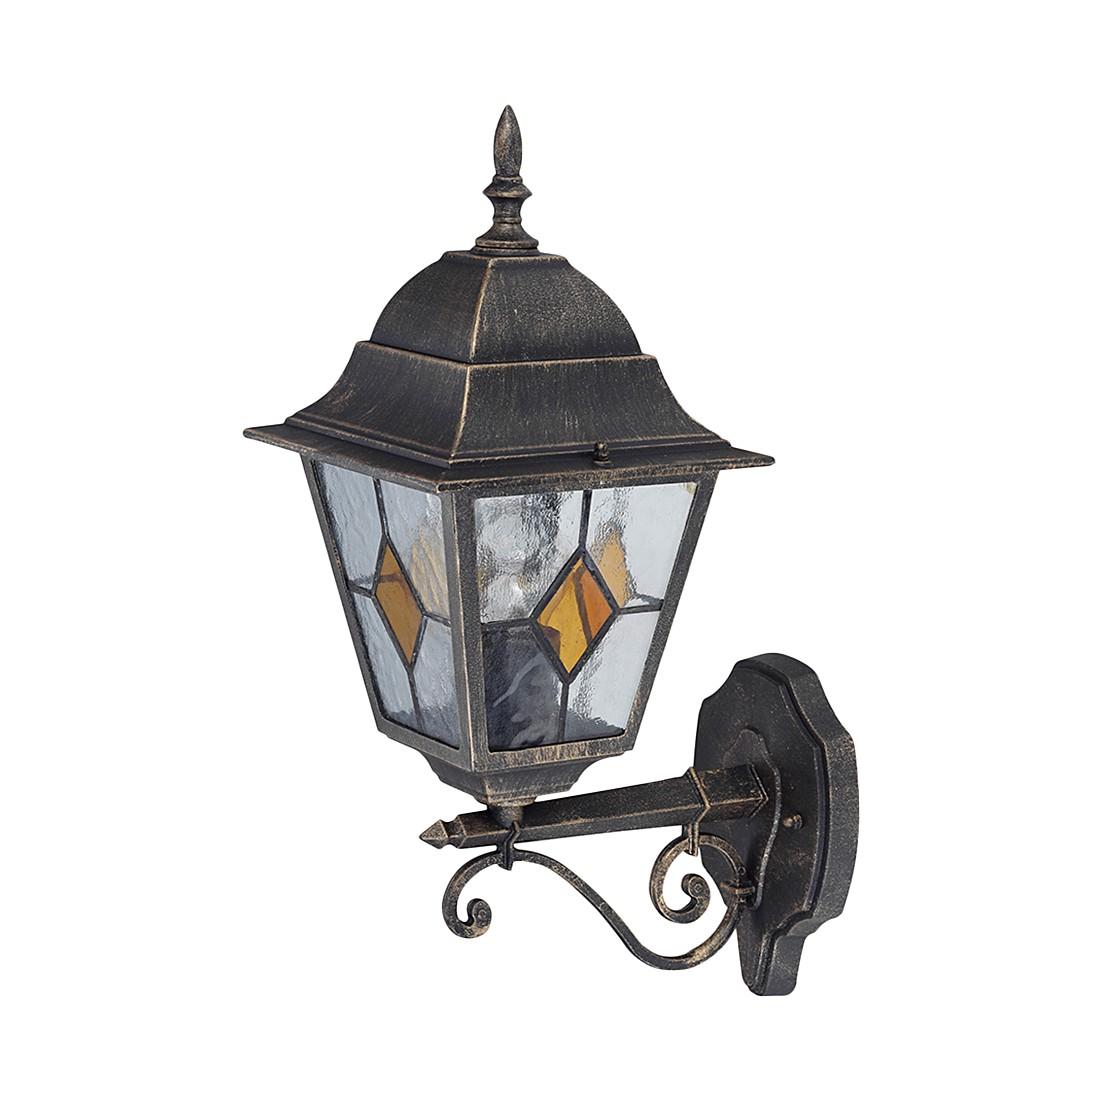 Eek a luminaire d 39 ext rieur jason 1 ampoule for Luminaire d exterieur